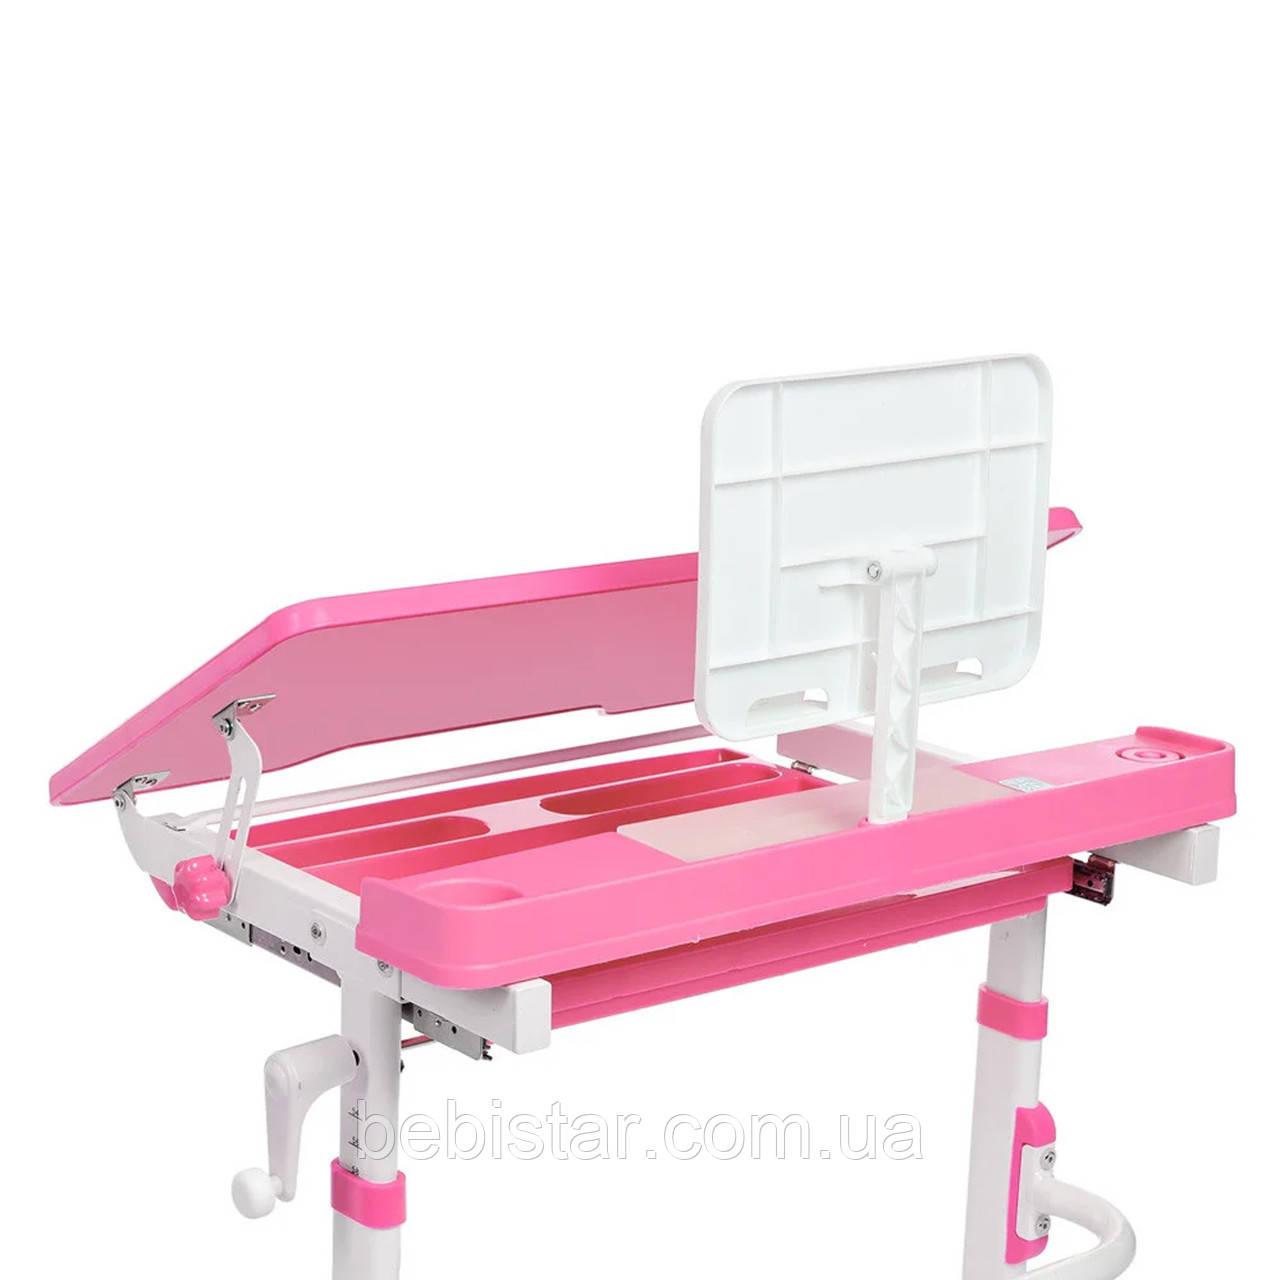 """Детская парта растишка """"Bambi"""" розового цвета трансформер девочке от 3 лет столешница 70 х 38 см - фото 8"""